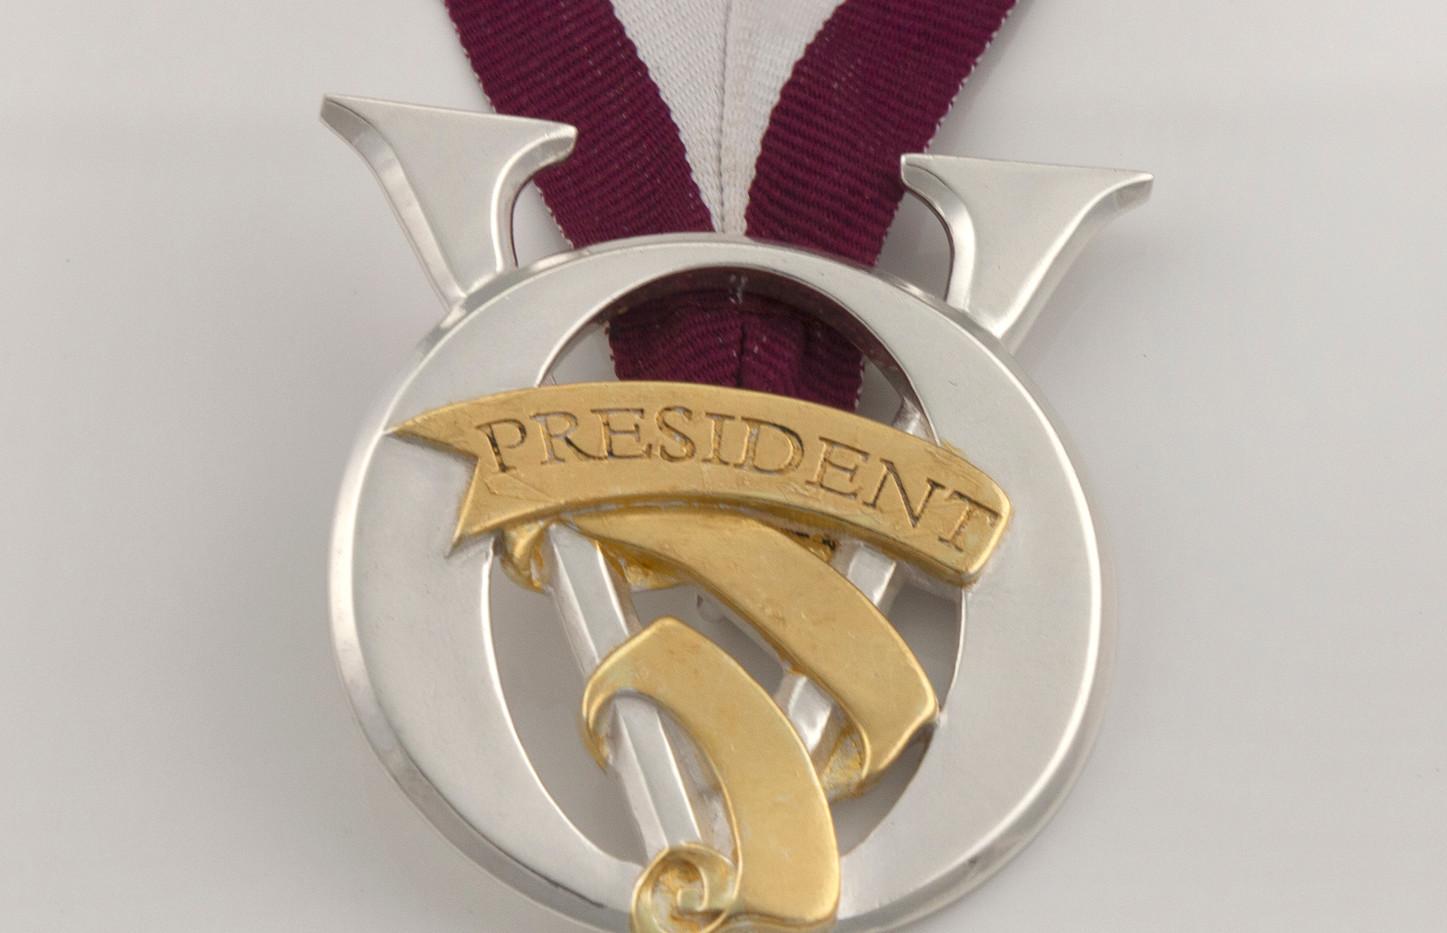 Presidential Medallion